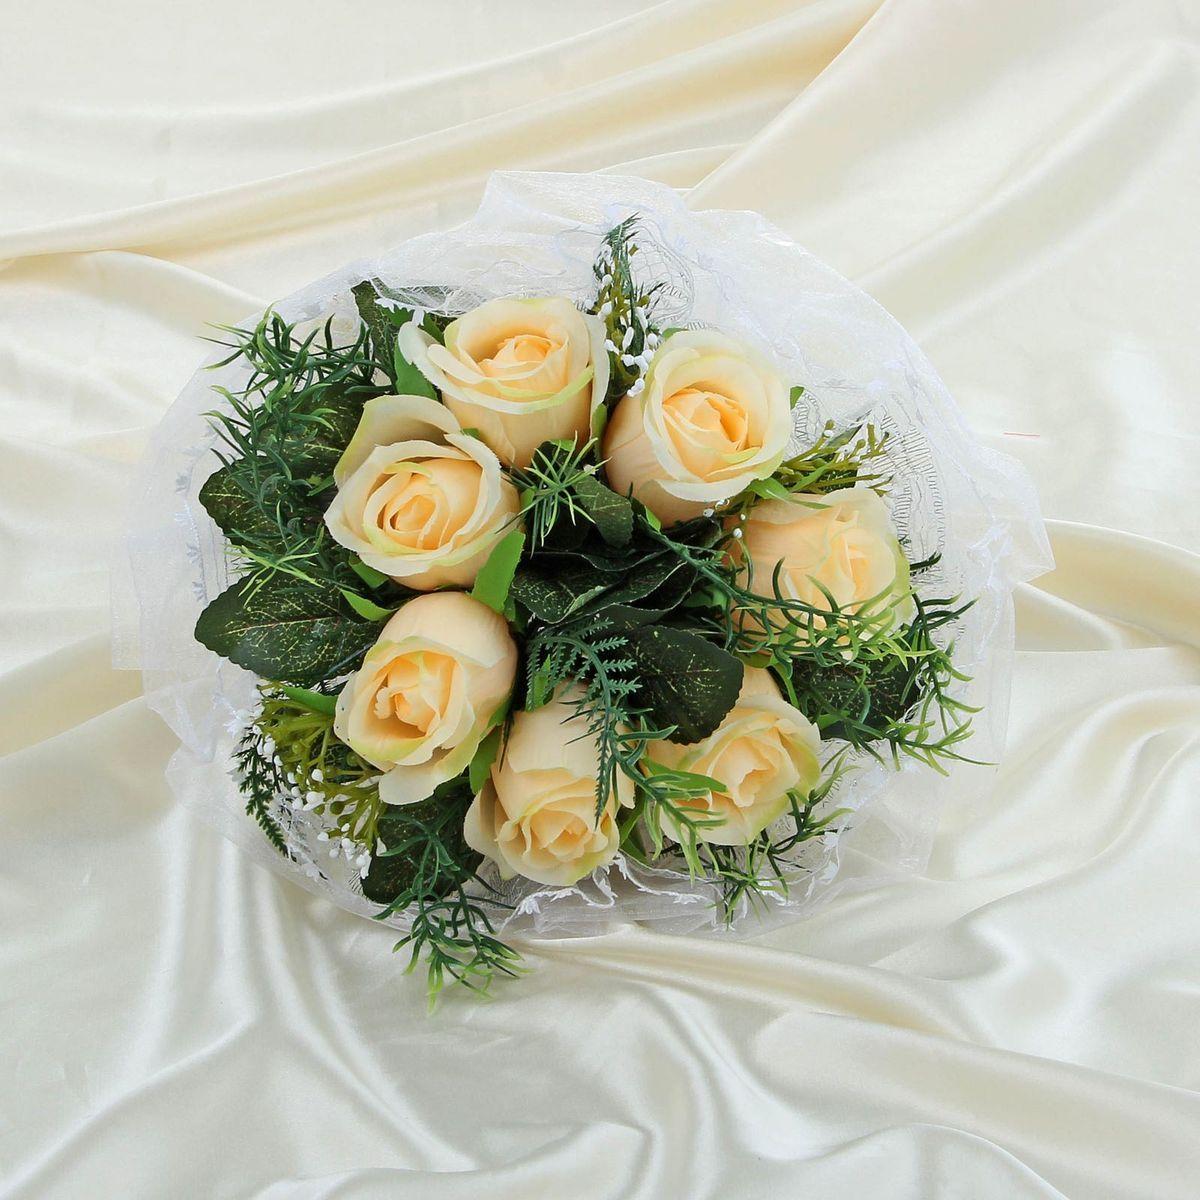 Букет-дублер Sima-land, цвет: бежевый. 11203231120323Традиция кидать букет невесты на свадьбе зародилась совсем недавно, но является одним из самых долгожданных моментов праздника. Для многих незамужних подружек – поймать букет на свадьбе – шанс осуществления заветной мечты.Современные невесты всё чаще используют для этого ритуала бутафорские букеты из искусственных материалов. Они легче, дешевле и точно не смогут рассыпаться в полете.